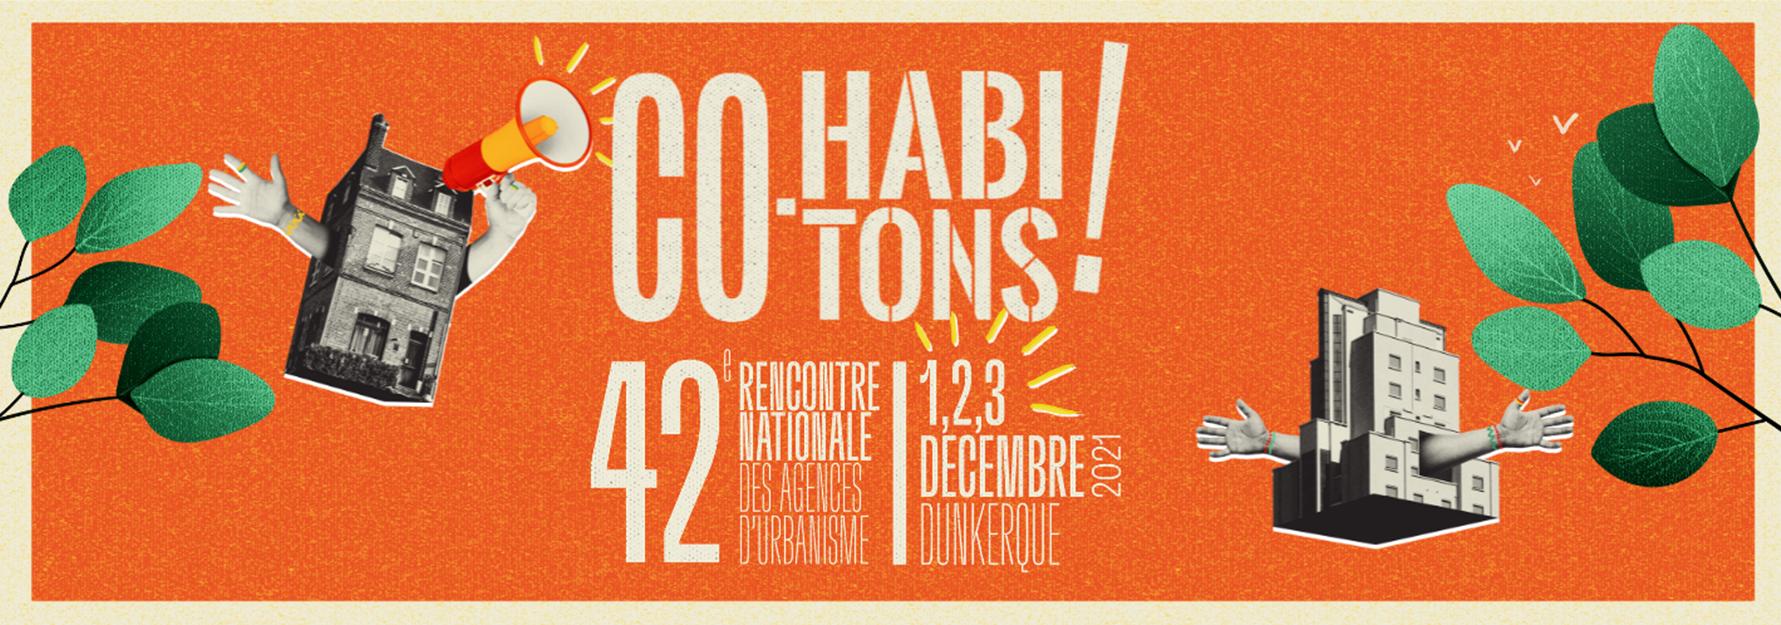 Co-Habitons ! Suivez la 42e rencontre des agences d'urbanisme du 1er au 3 décembre #fnau42